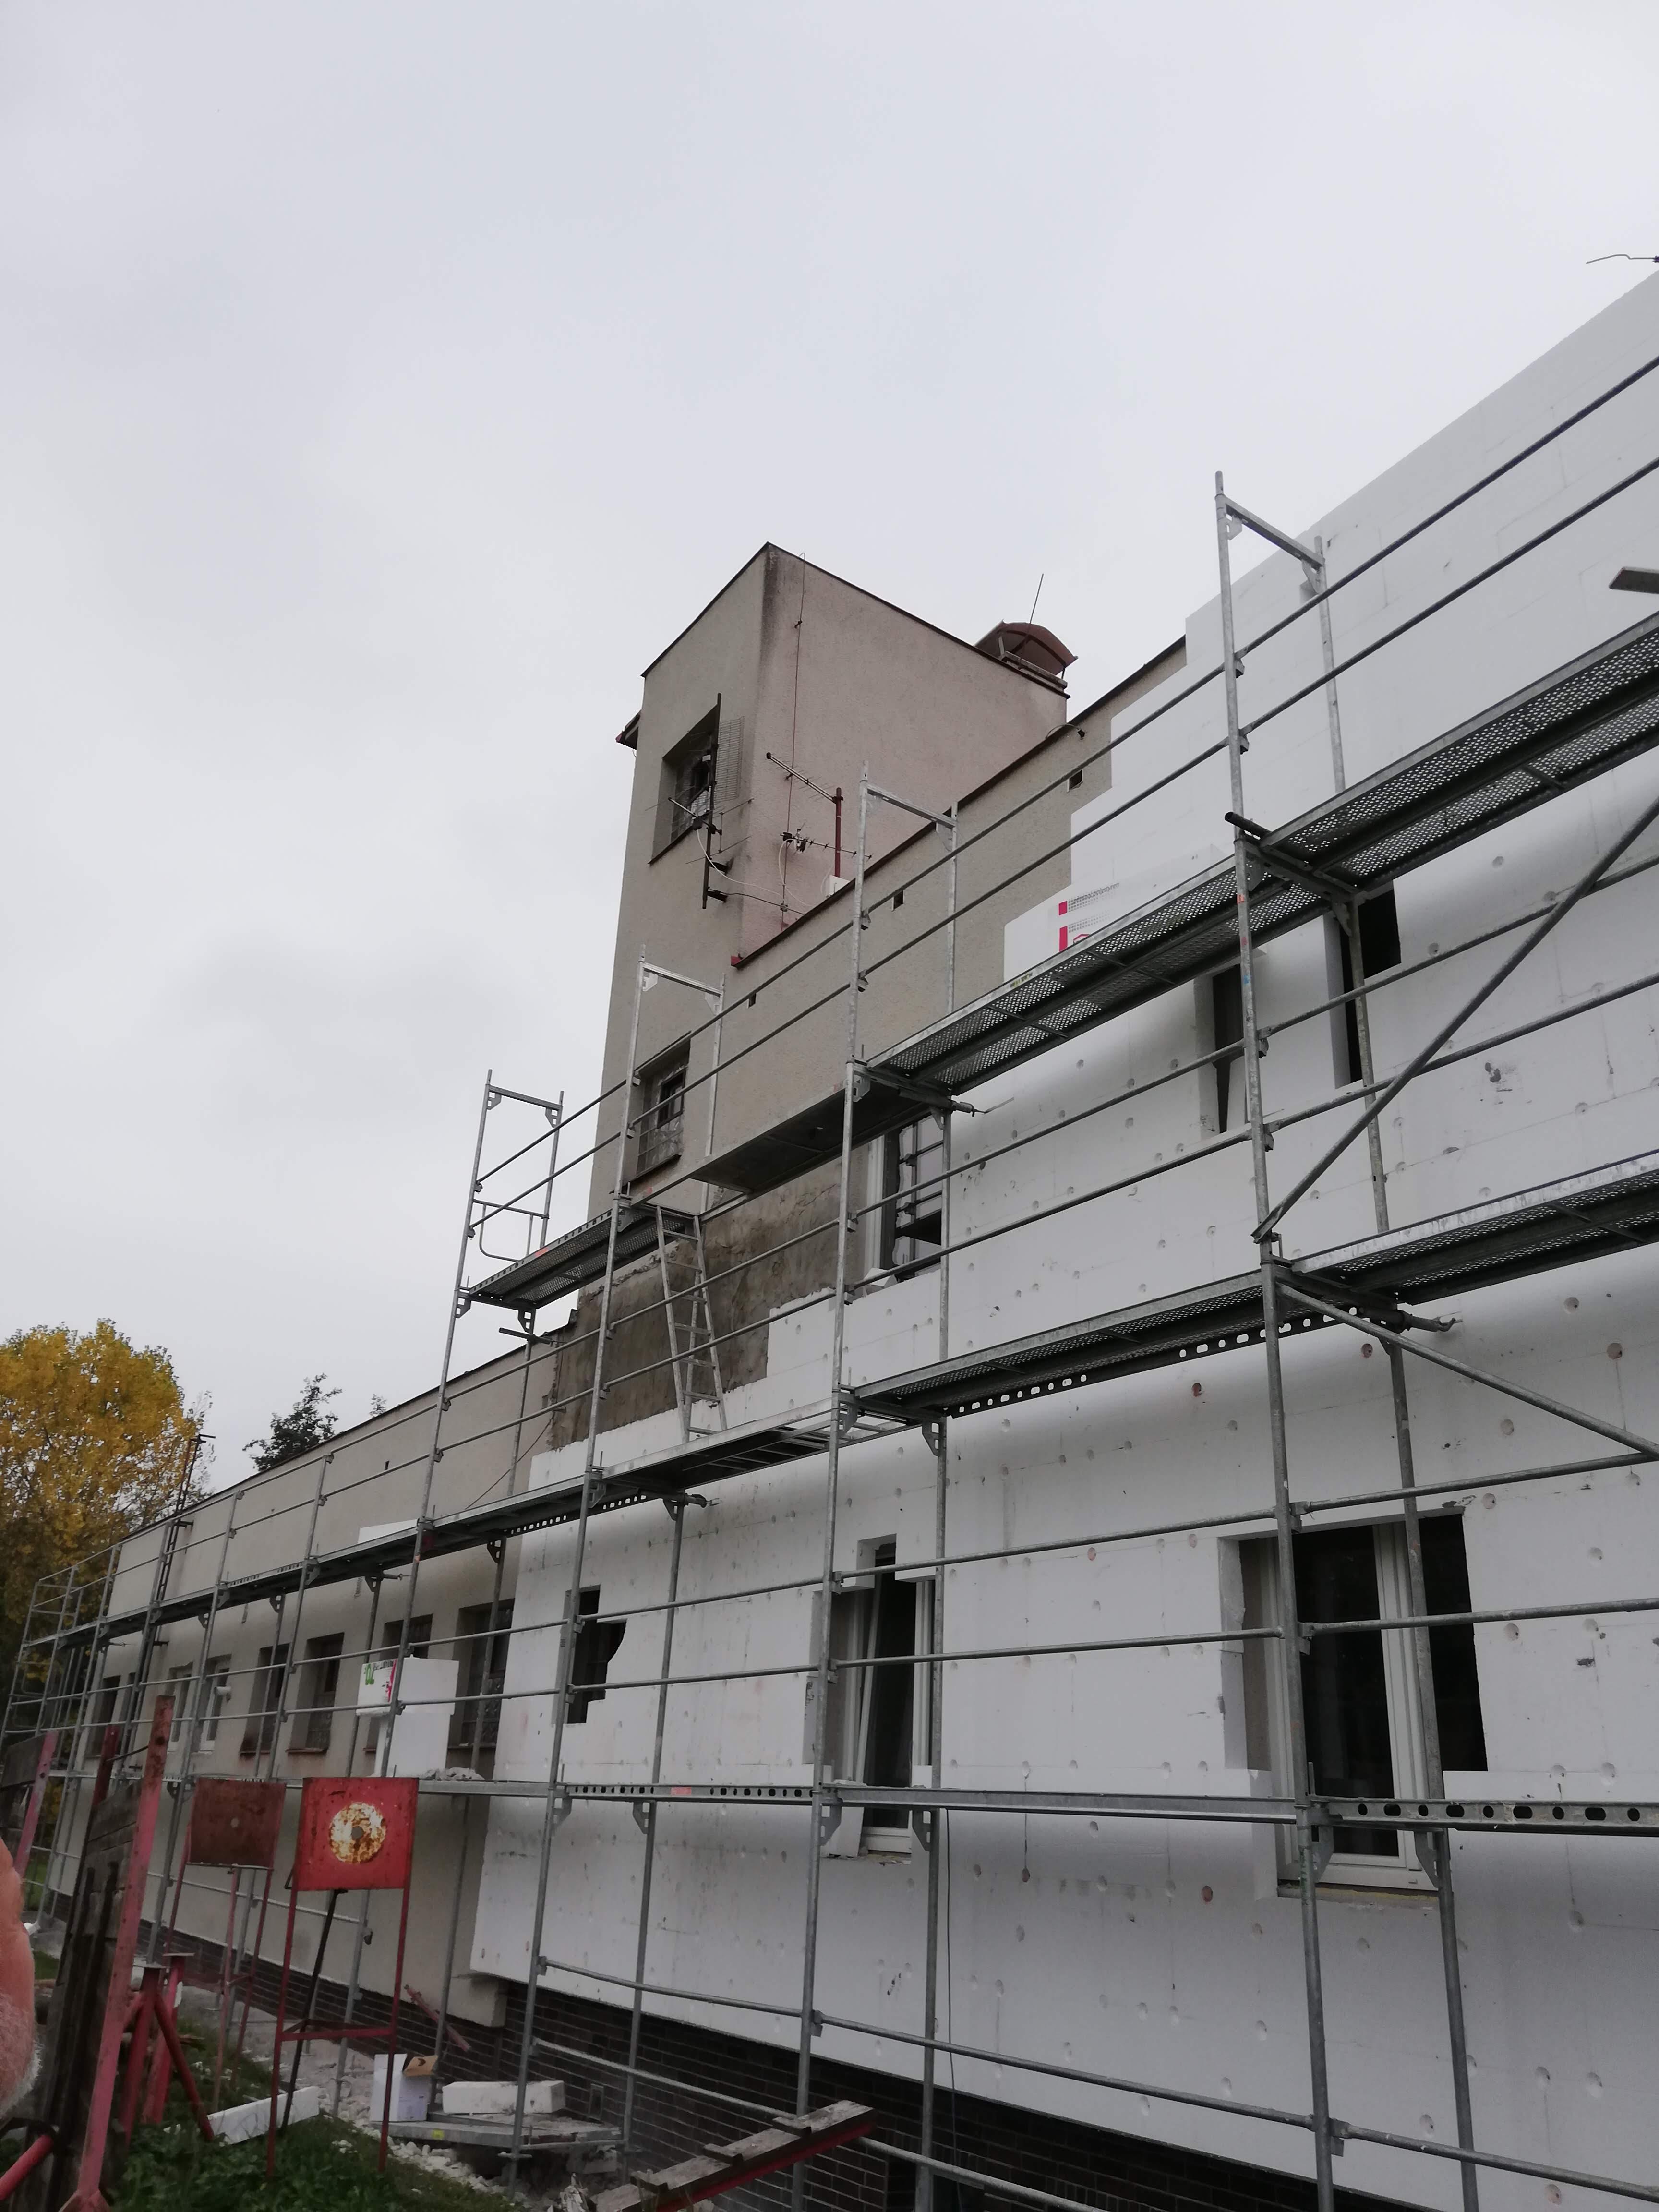 Rekonstrukce hasičské zbrojnice Drmoul